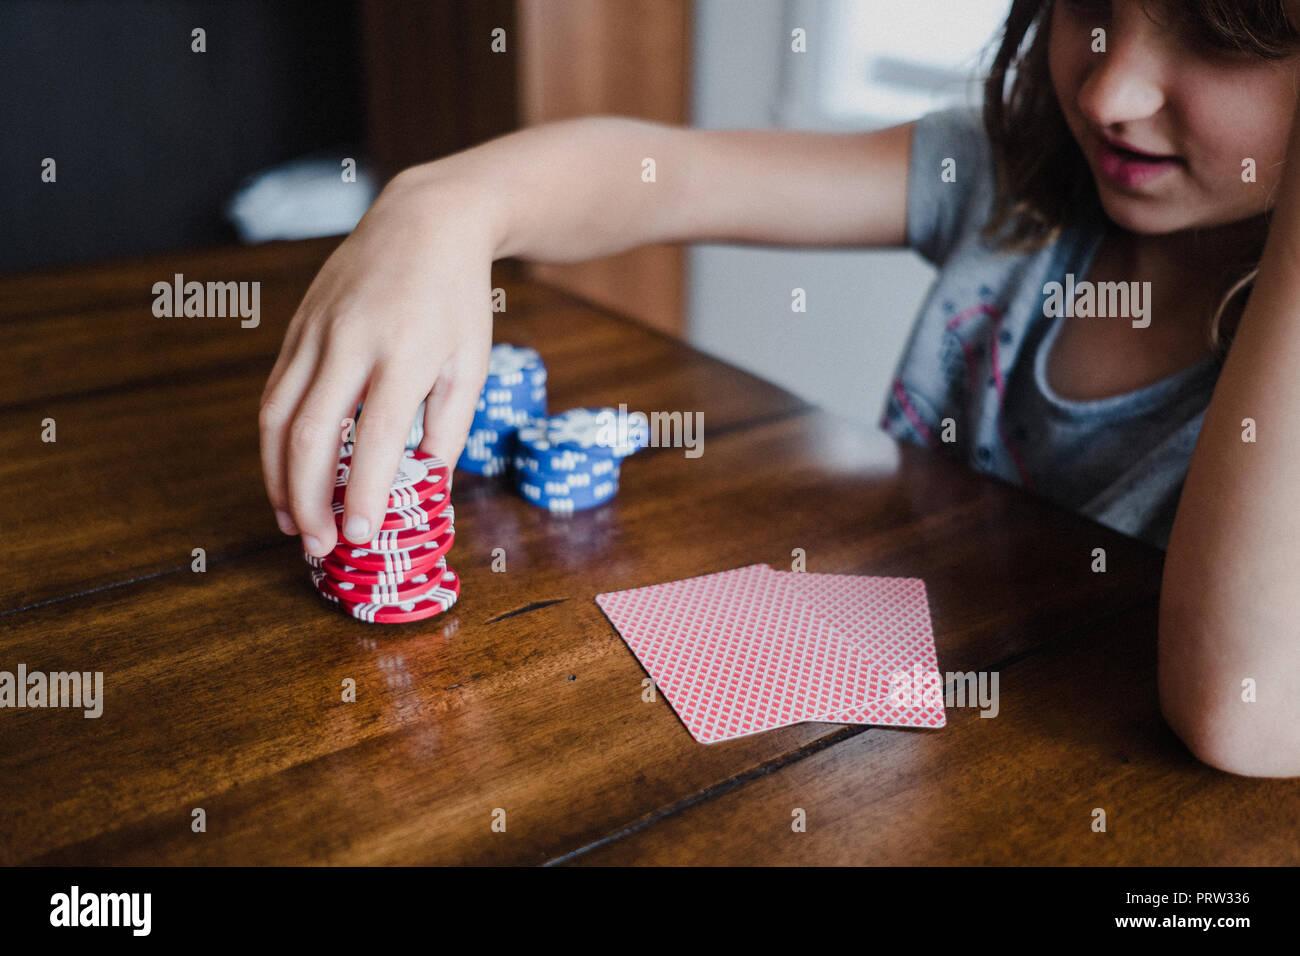 Menina jogando cartas na mesa, jogo de empilhamento de lascas, close up Imagens de Stock